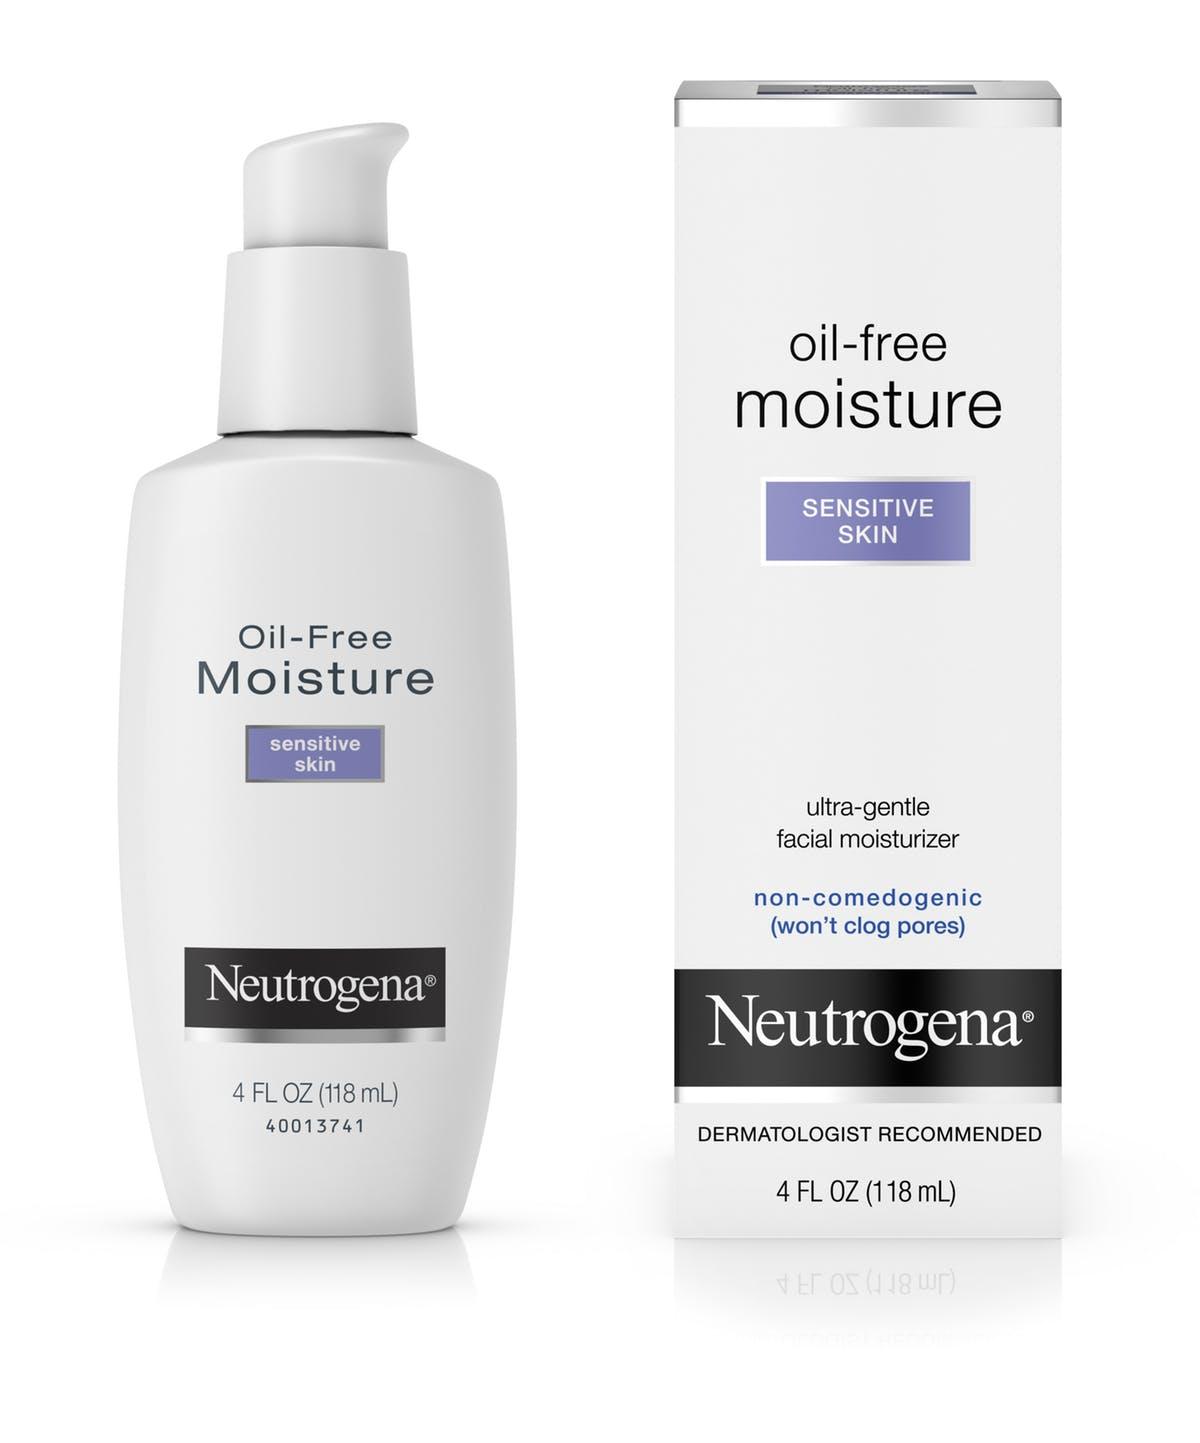 Neutrogena - Kem chống nắng cho da nhạy cảm tốt nhất hiện nay